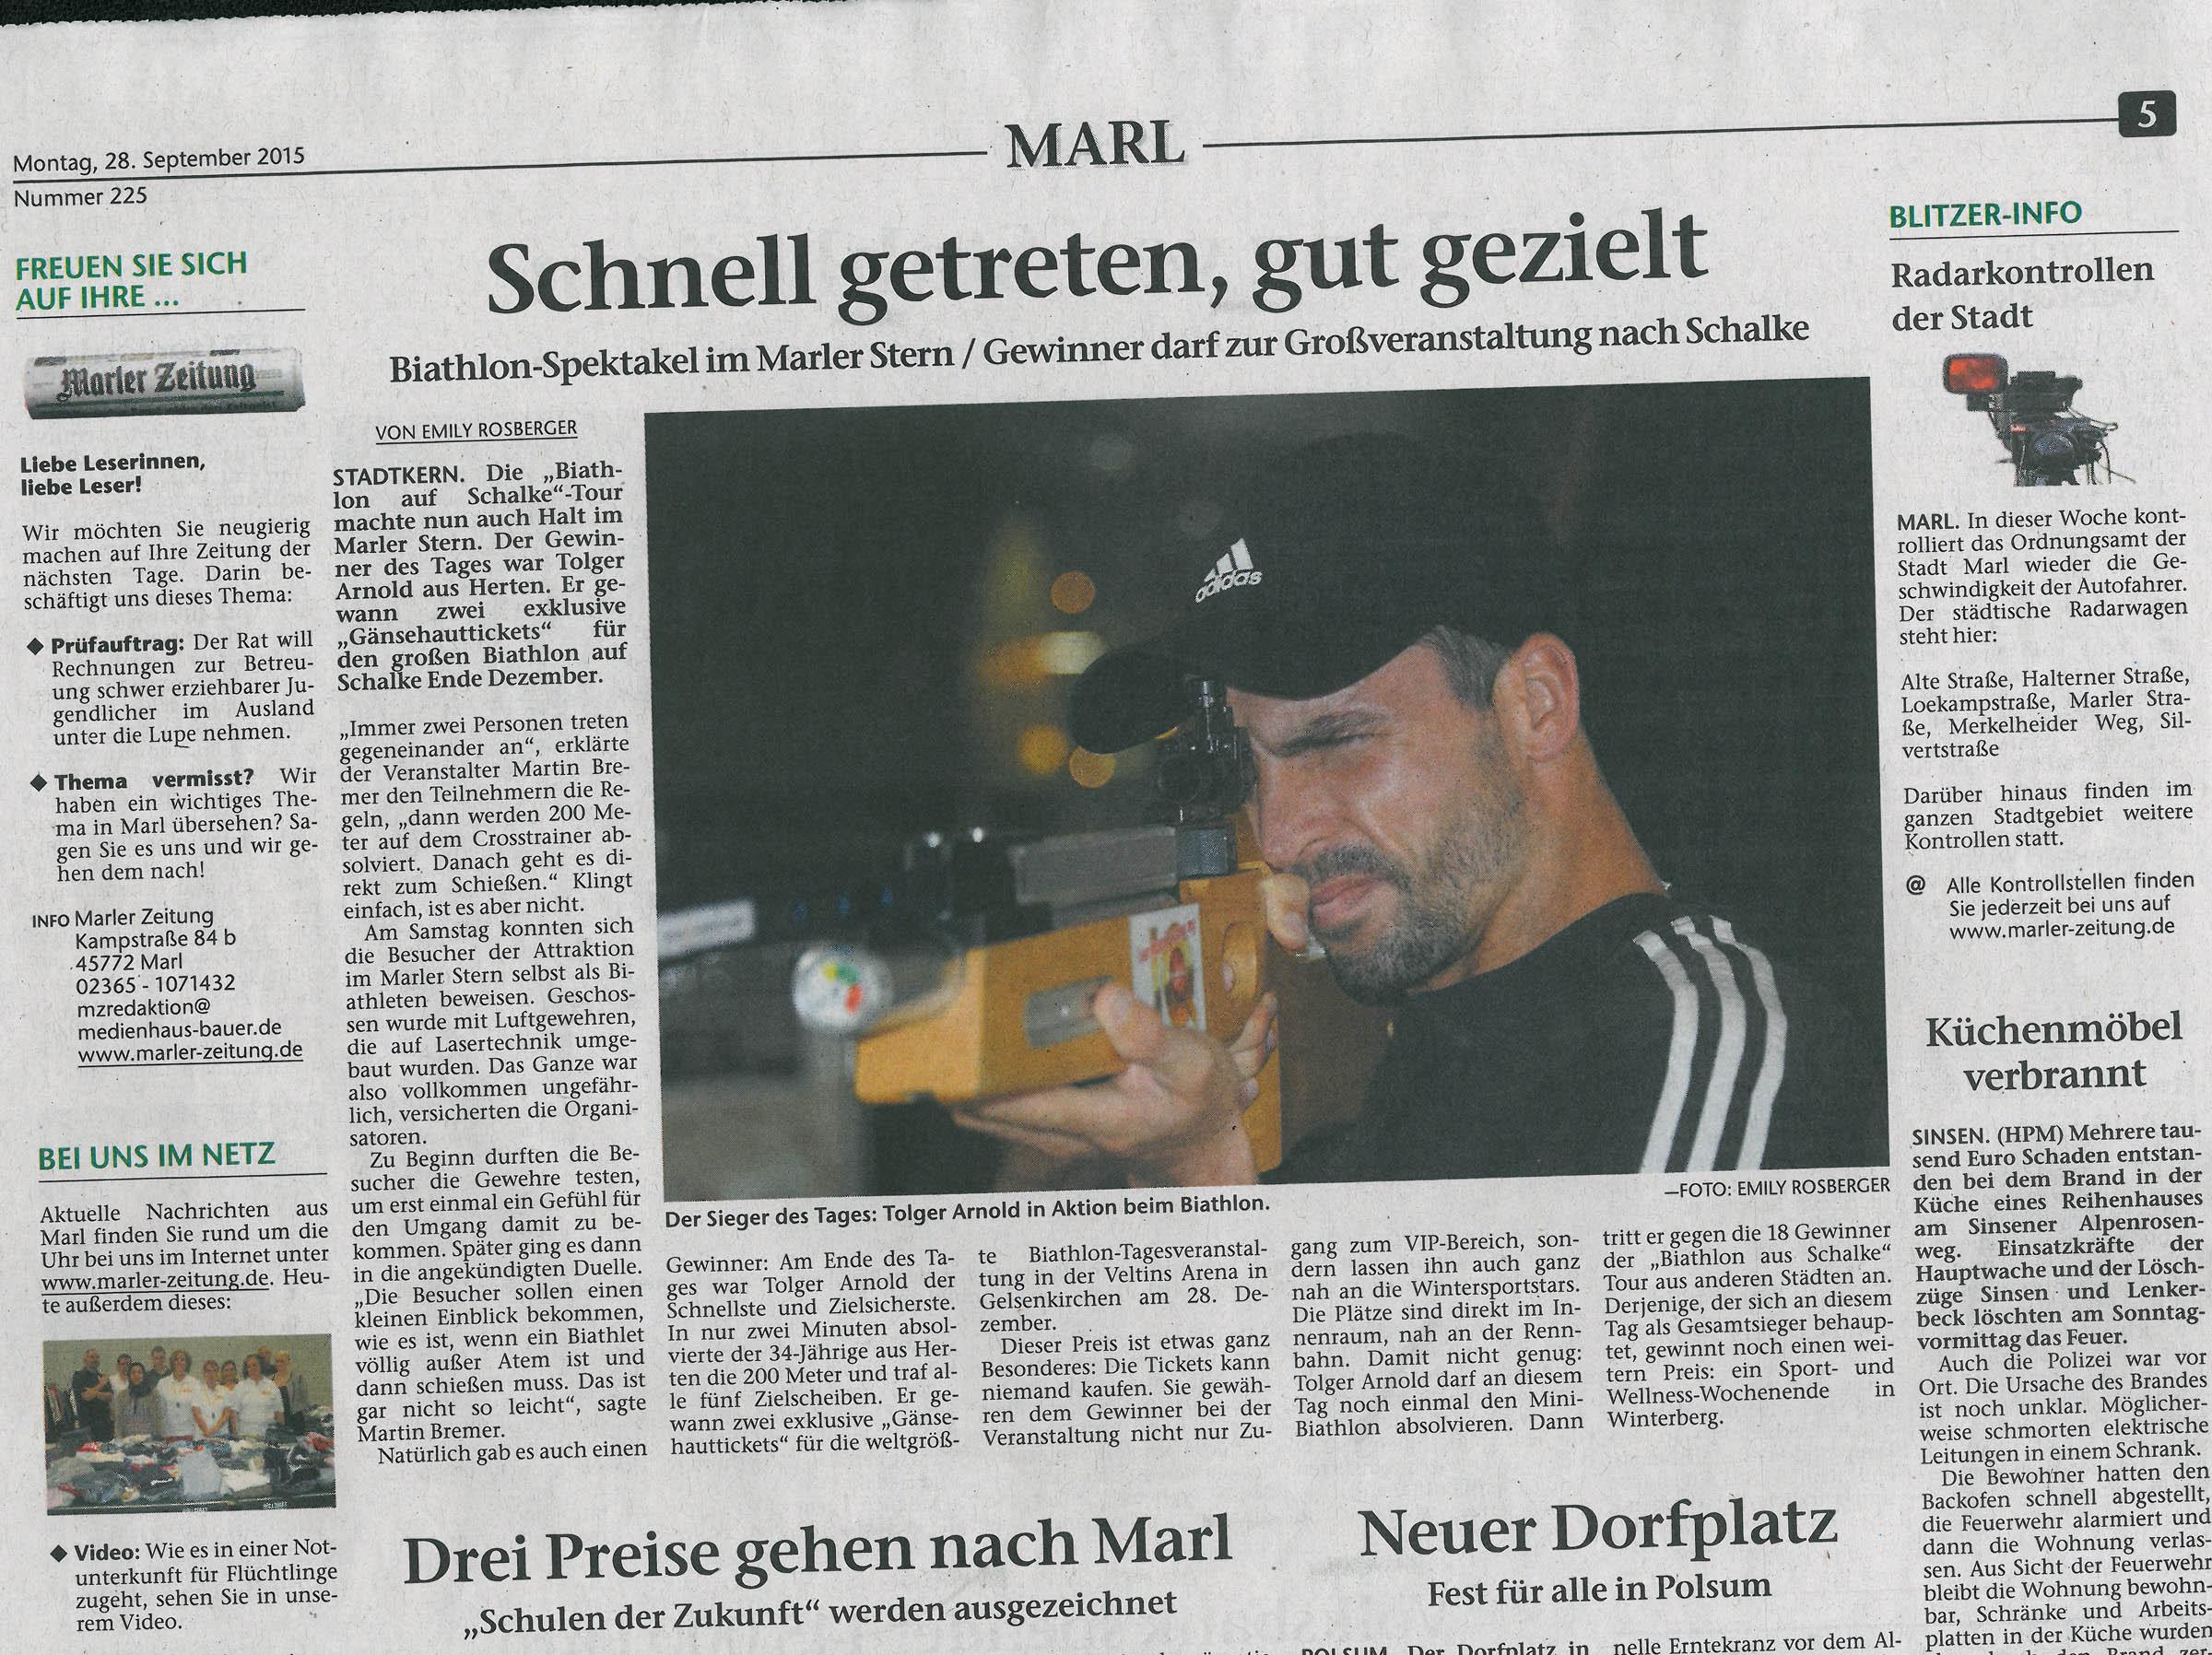 Nachbericht in der Marler Zeitung